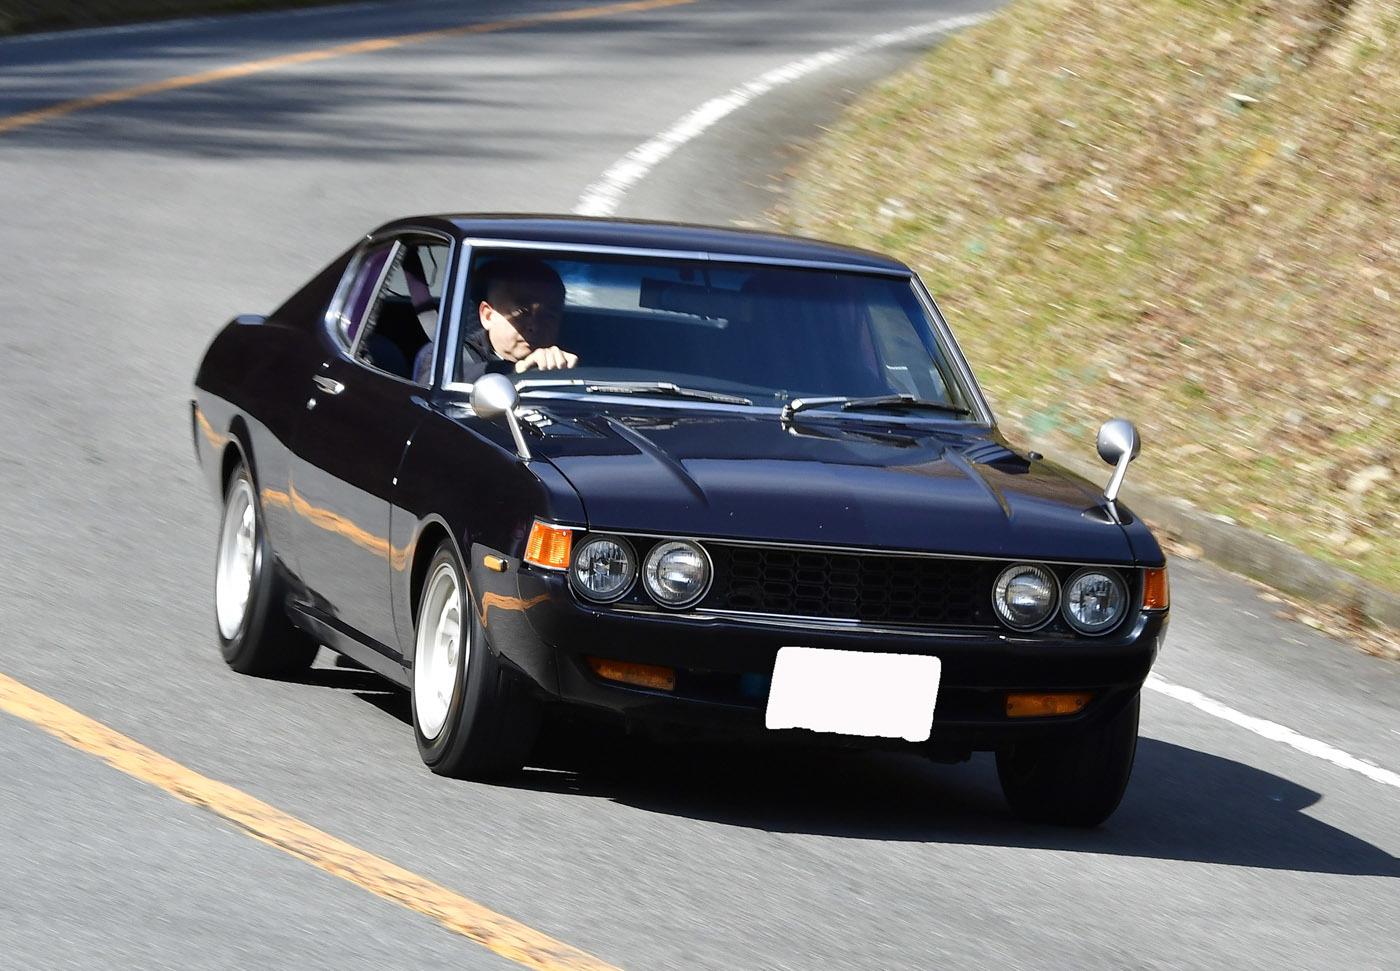 中垣さんの愛車、初代セリカリフトバック(LB)。19歳の時に中古で購入し、以来約35年、大事に乗り続けているという